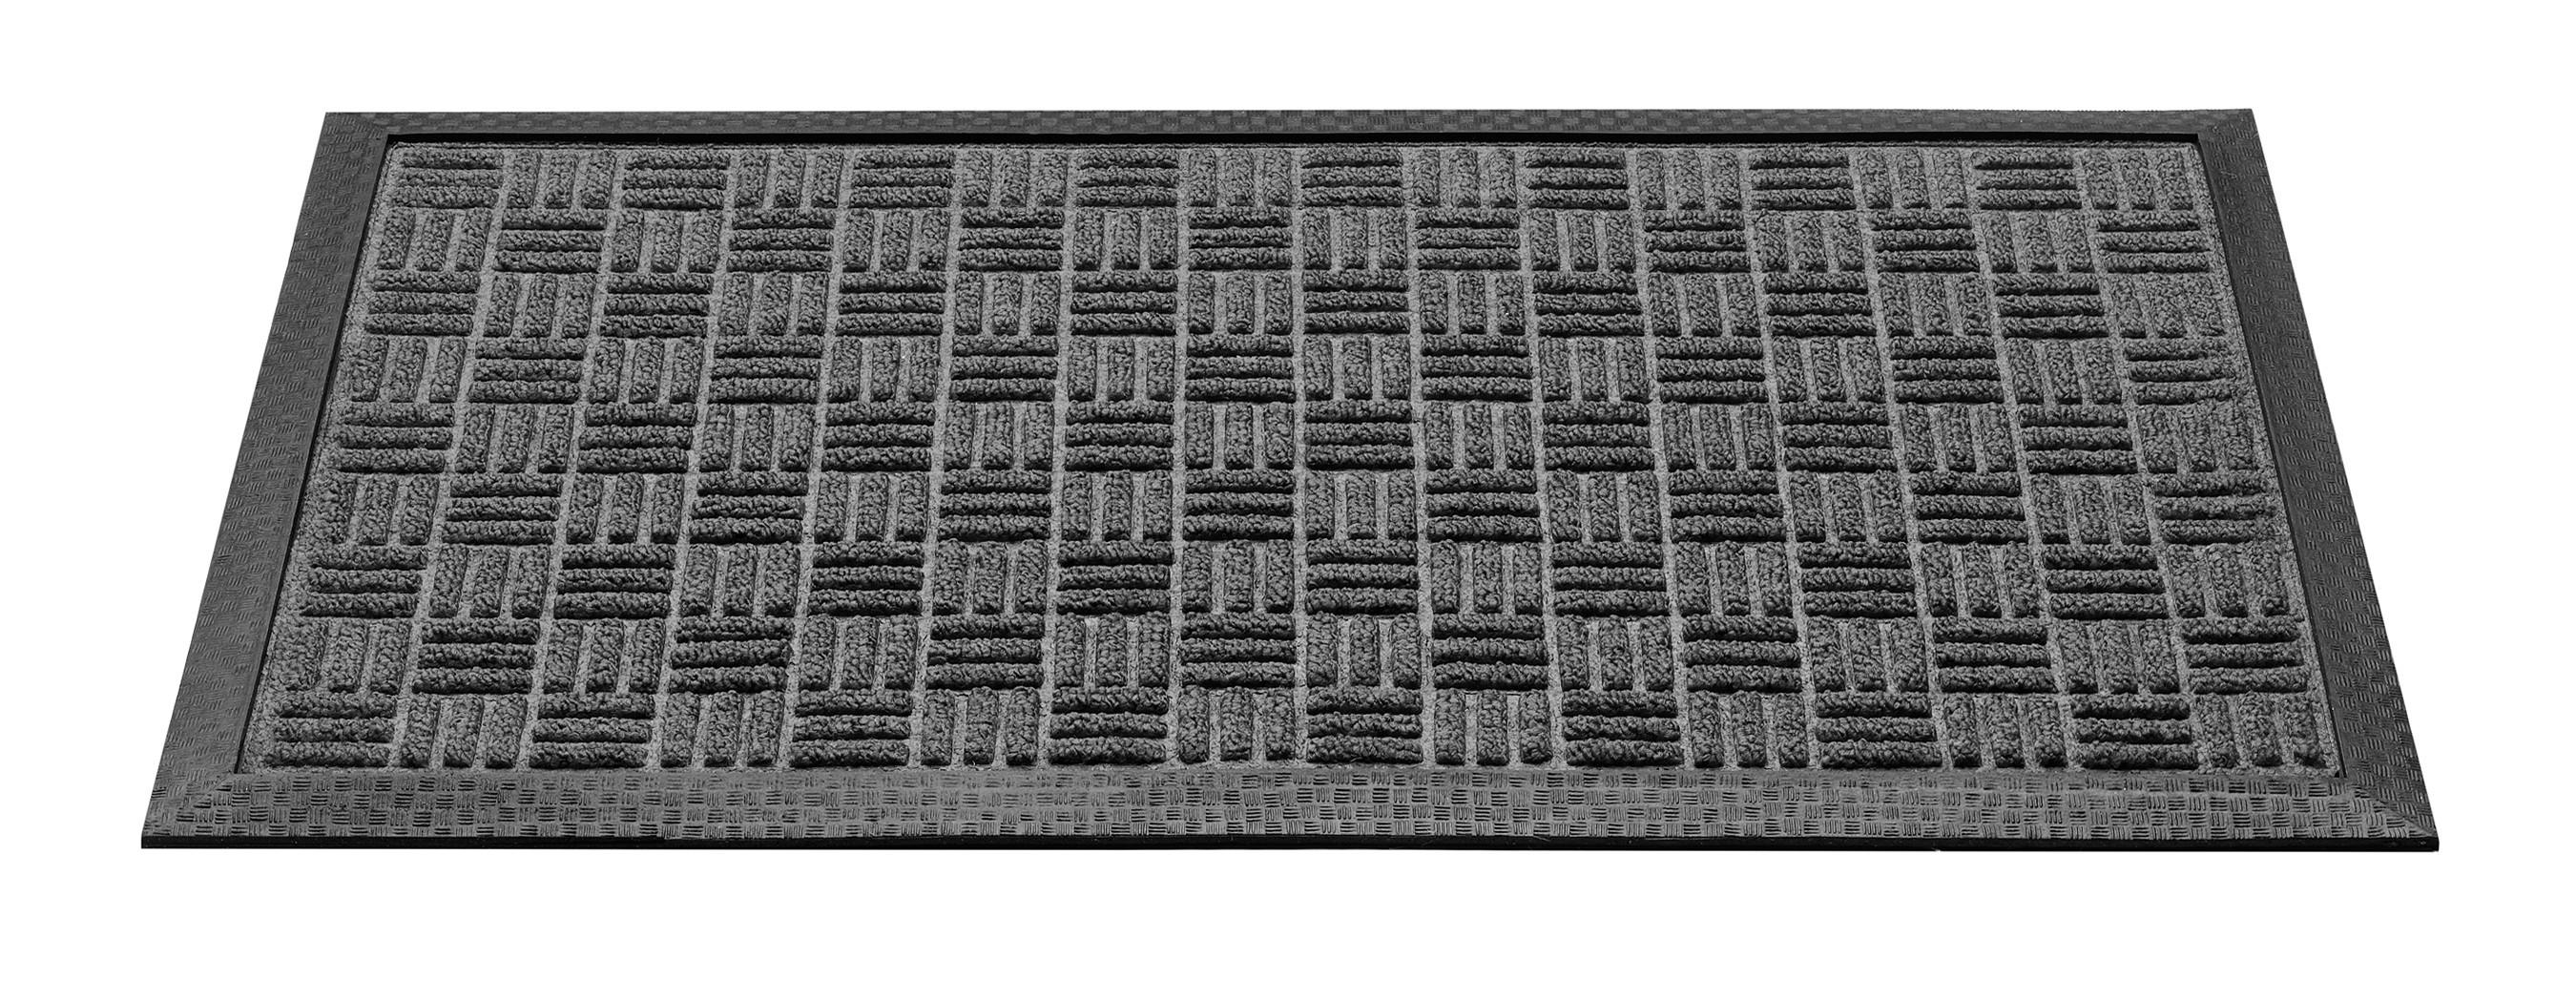 Hamat Fußmatte / Außenmatte Supreme 40x60cm anthrazit Bild 1